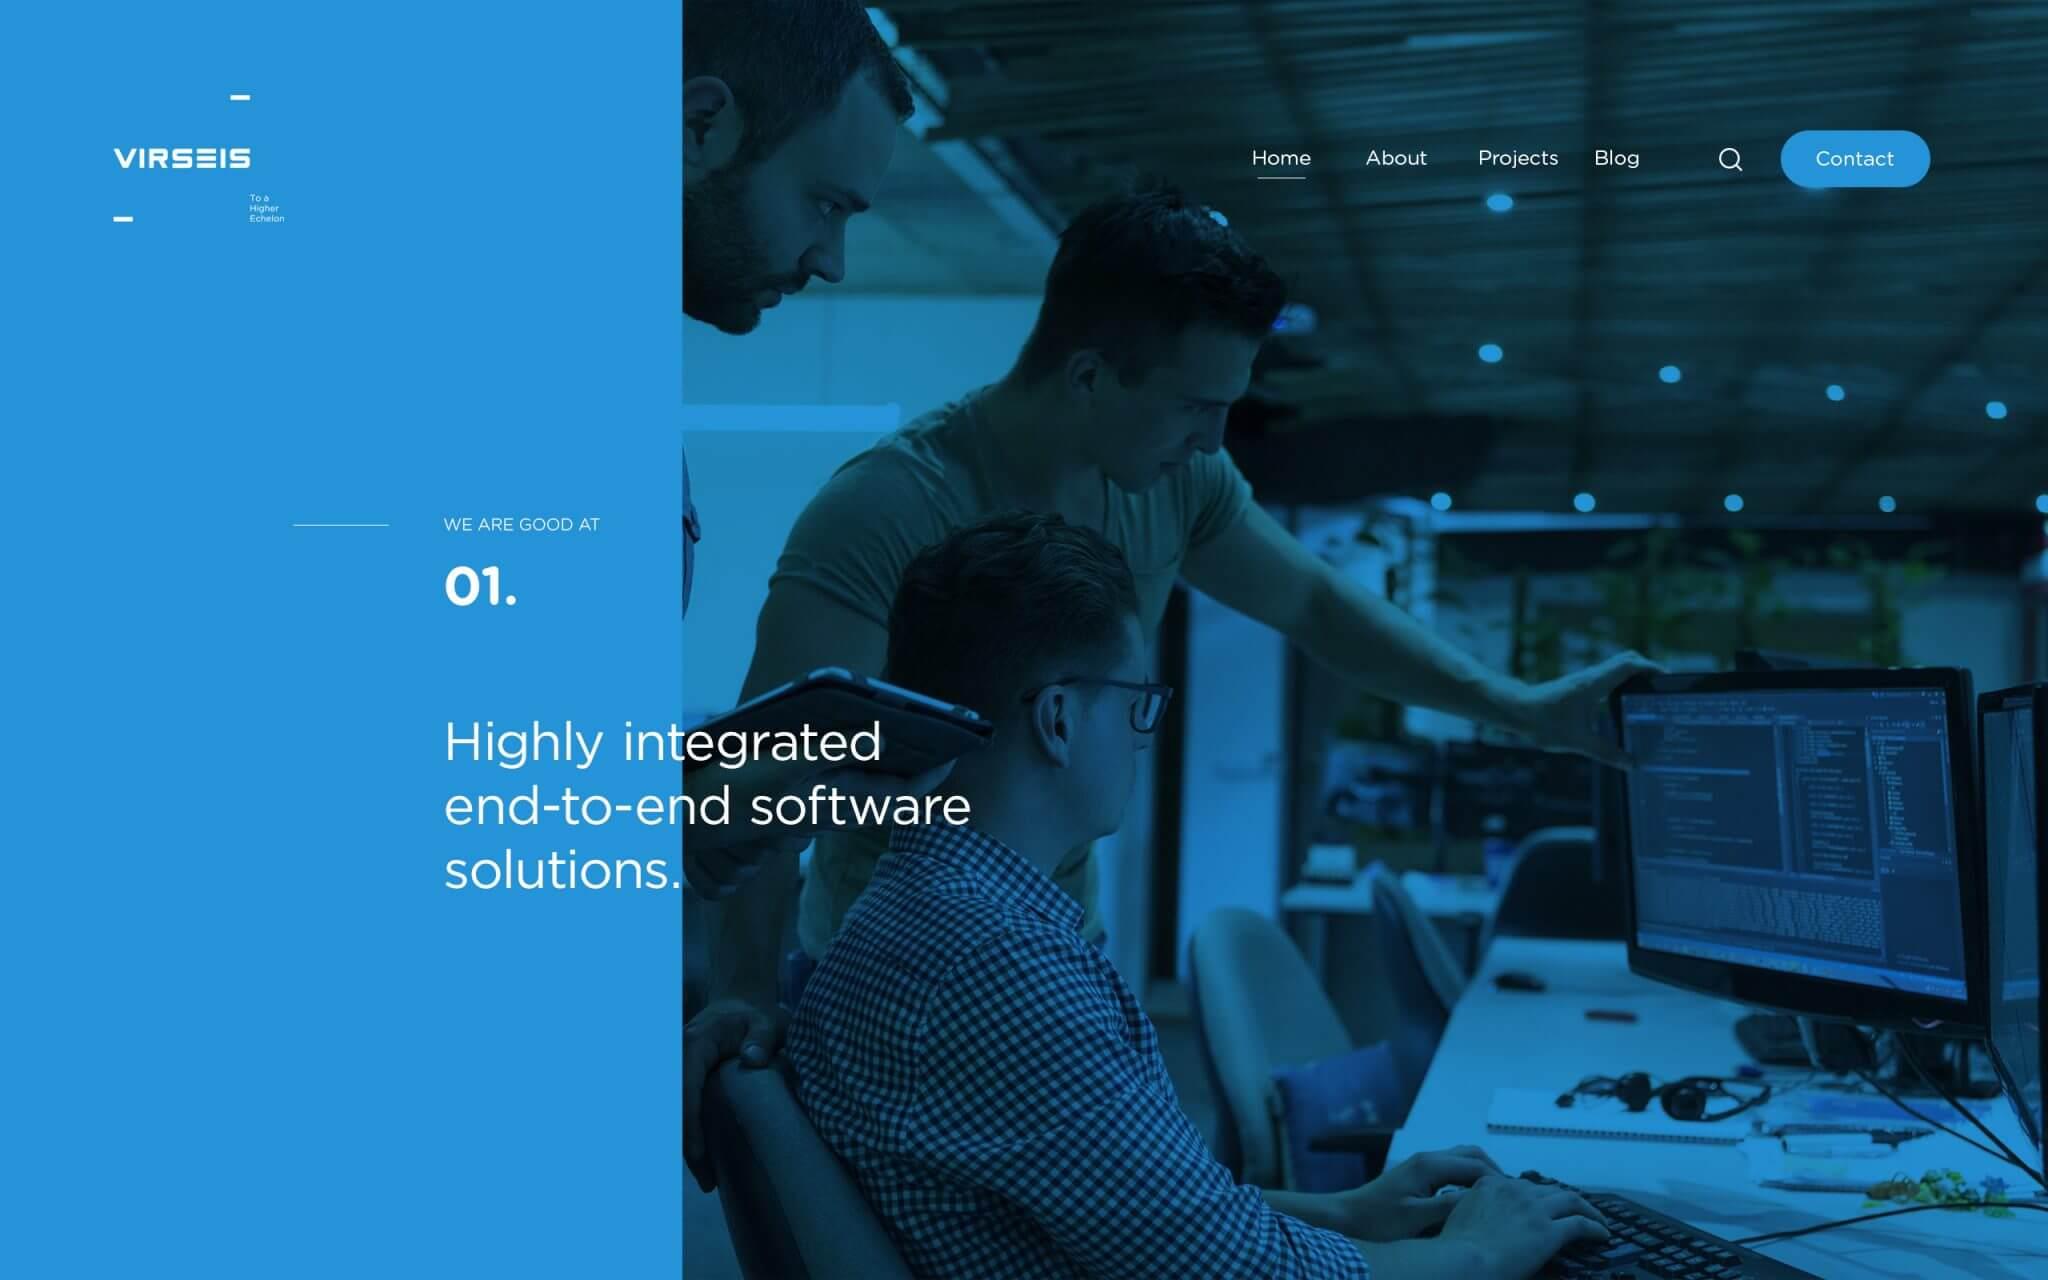 Virseis-web-landing-page-UI-design